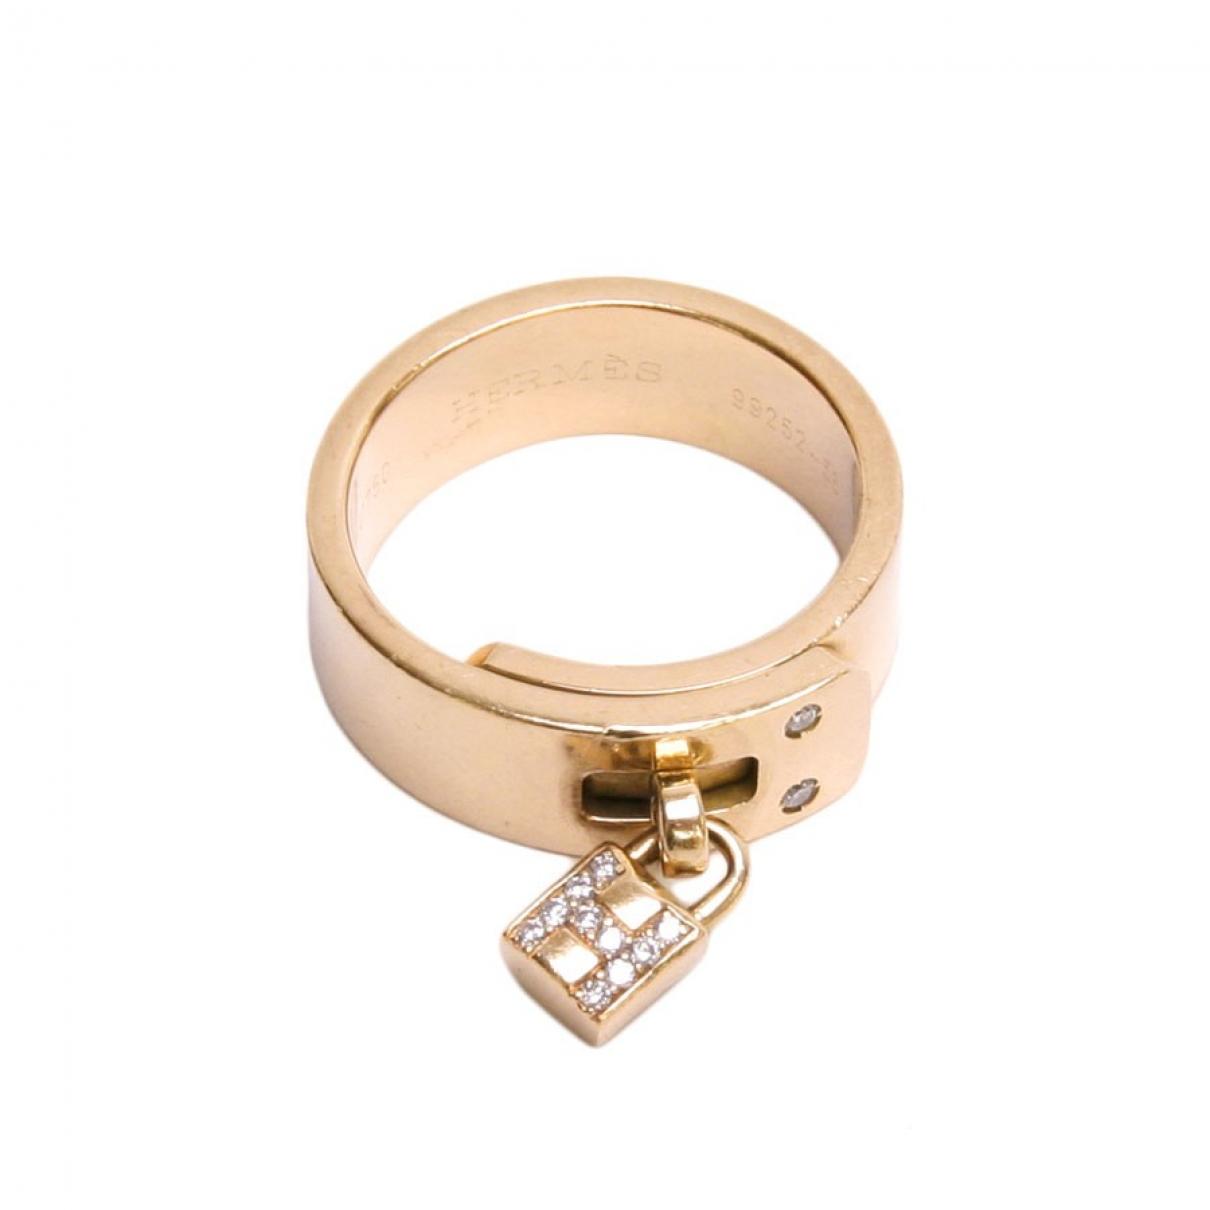 Hermes - Bague Kelly pour femme en or jaune - dore